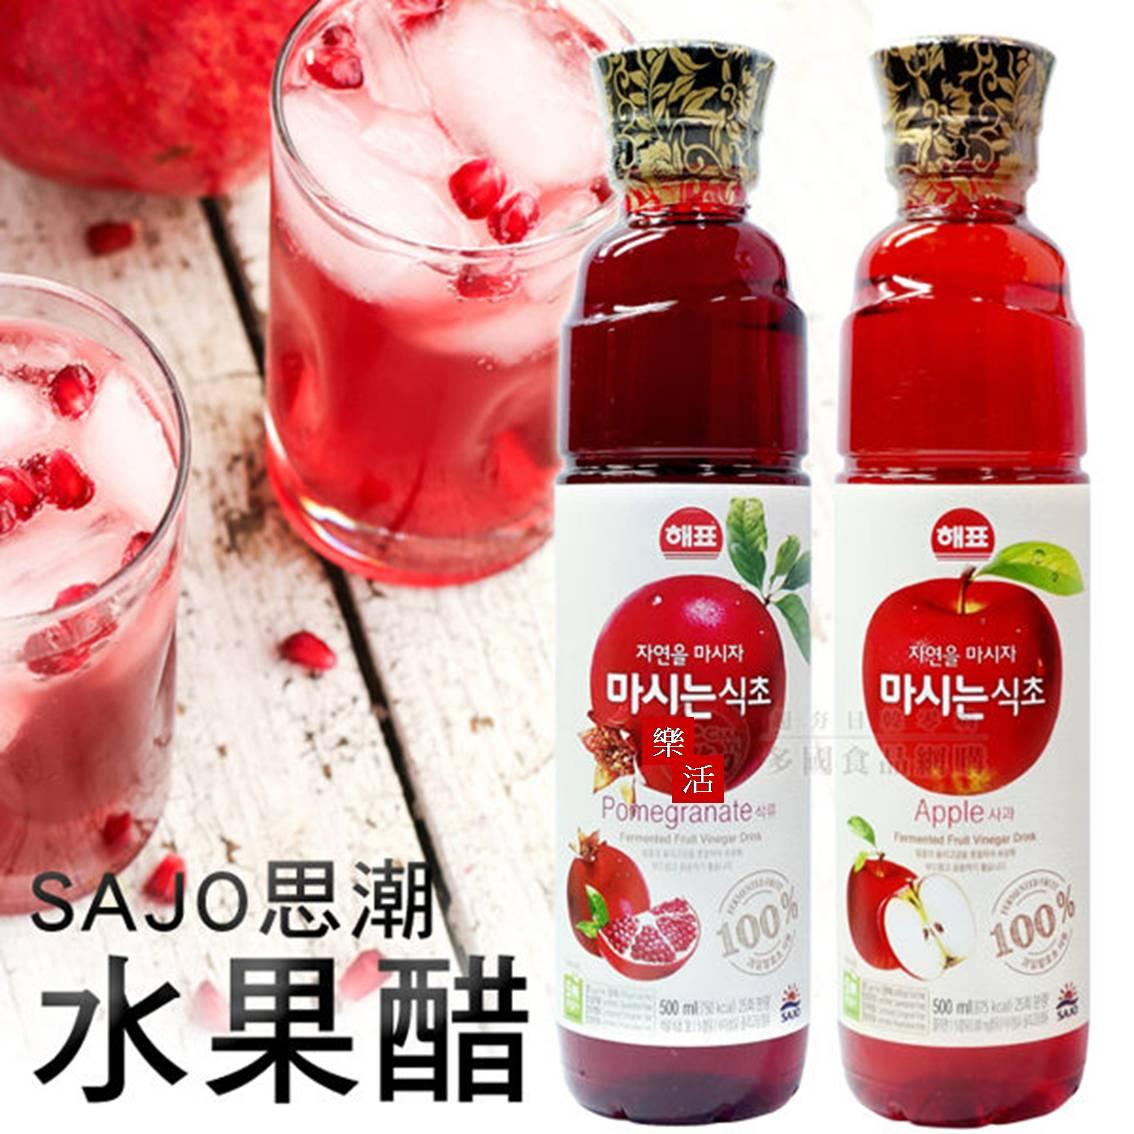 韓國SAJO思潮水果醋500ml 石榴/蘋果 飲料【樂活生活館】